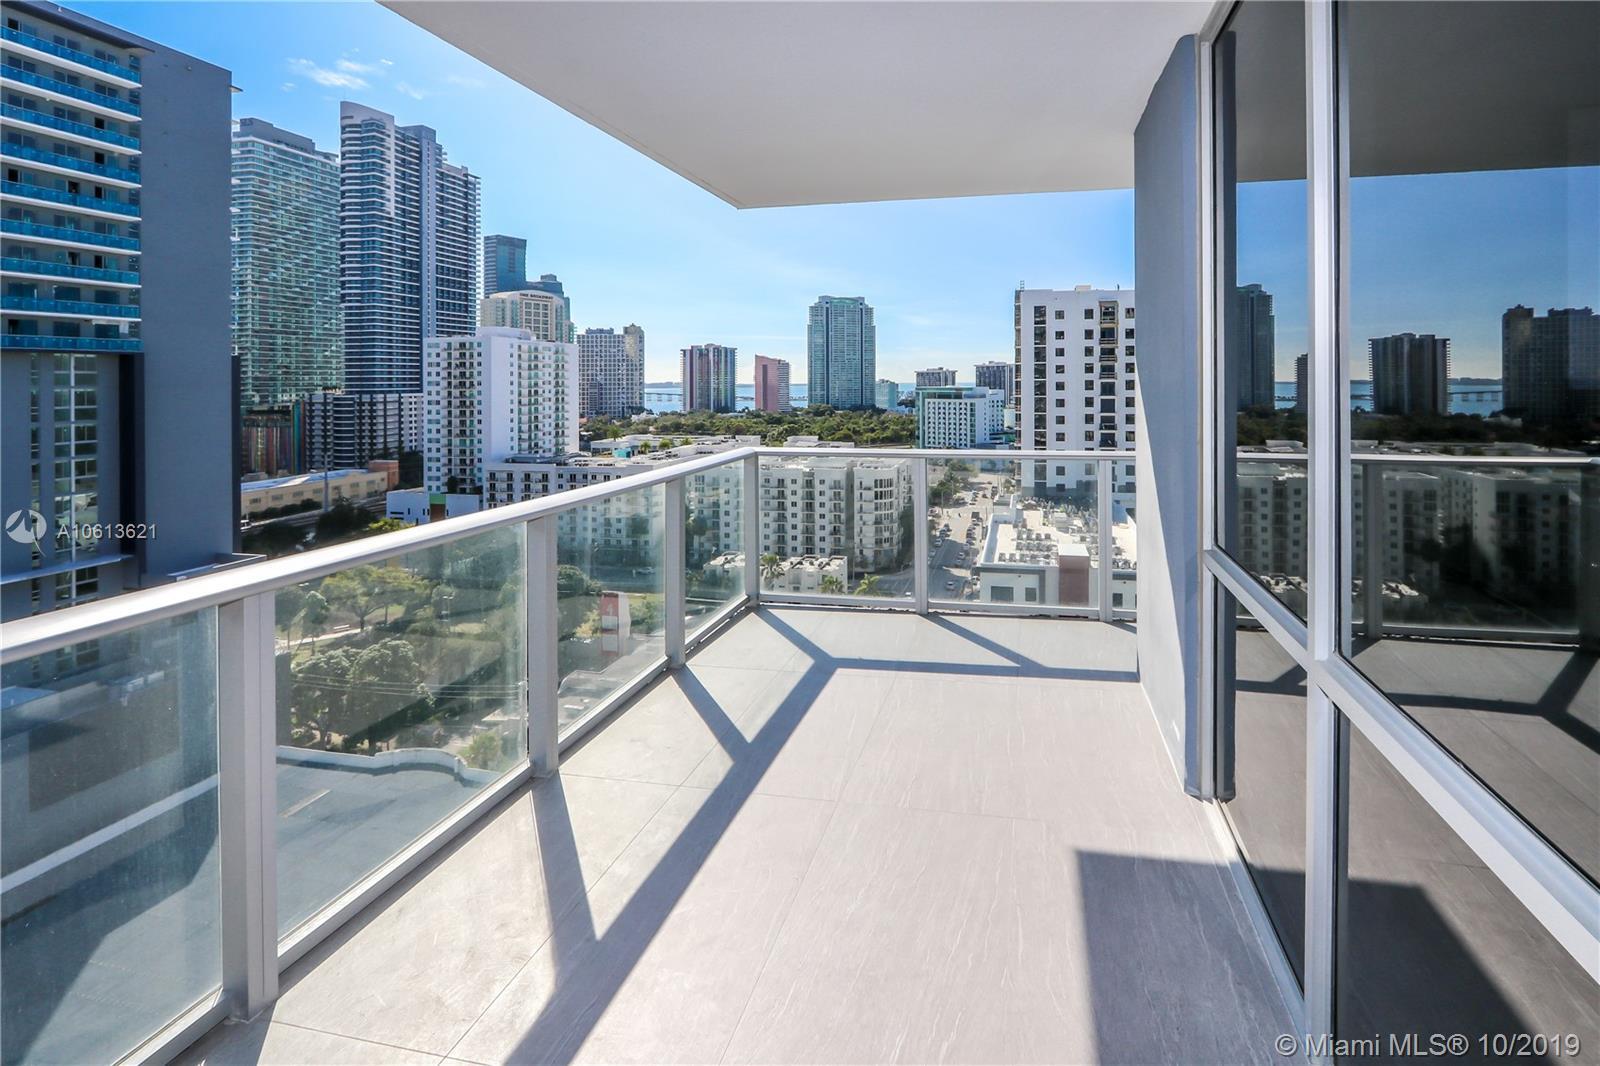 1010 SW 2nd Avenue, Miami, FL 33130, Brickell Ten #1603, Brickell, Miami A10613621 image #20